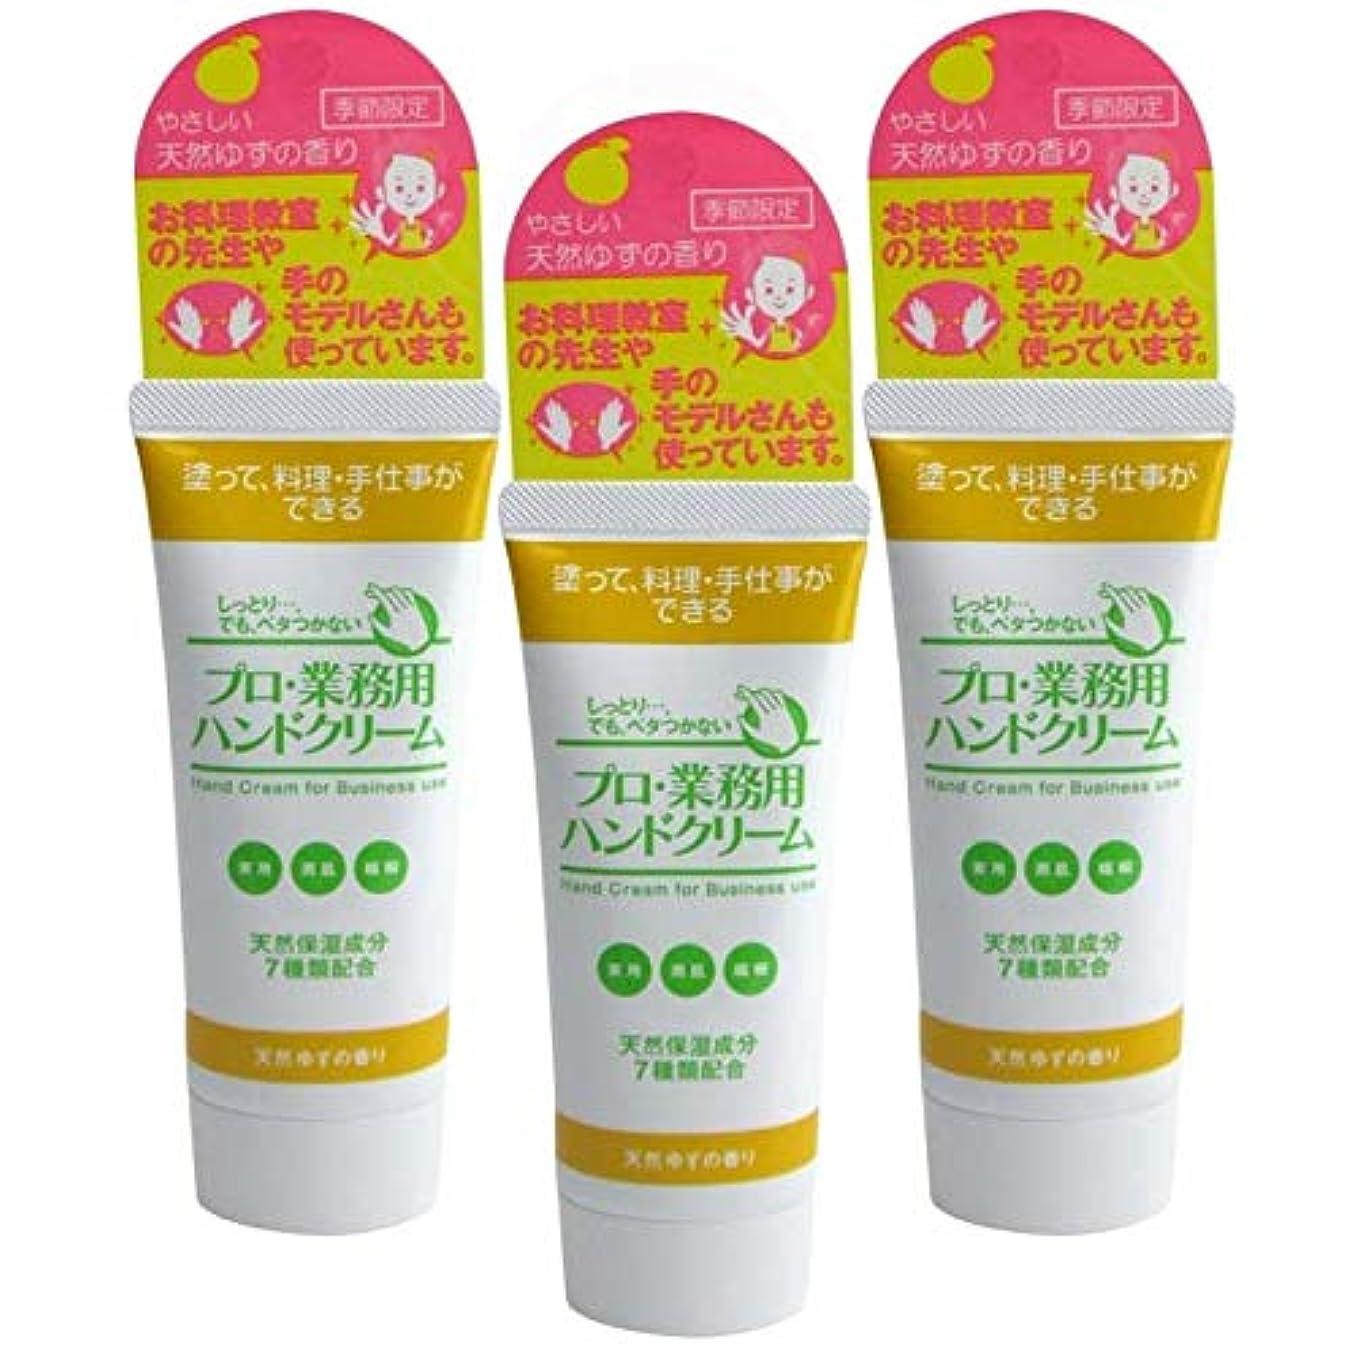 モニター予防接種乳白色プロ業務用ハンドクリーム 天然ゆずの香り 60g 3個セット